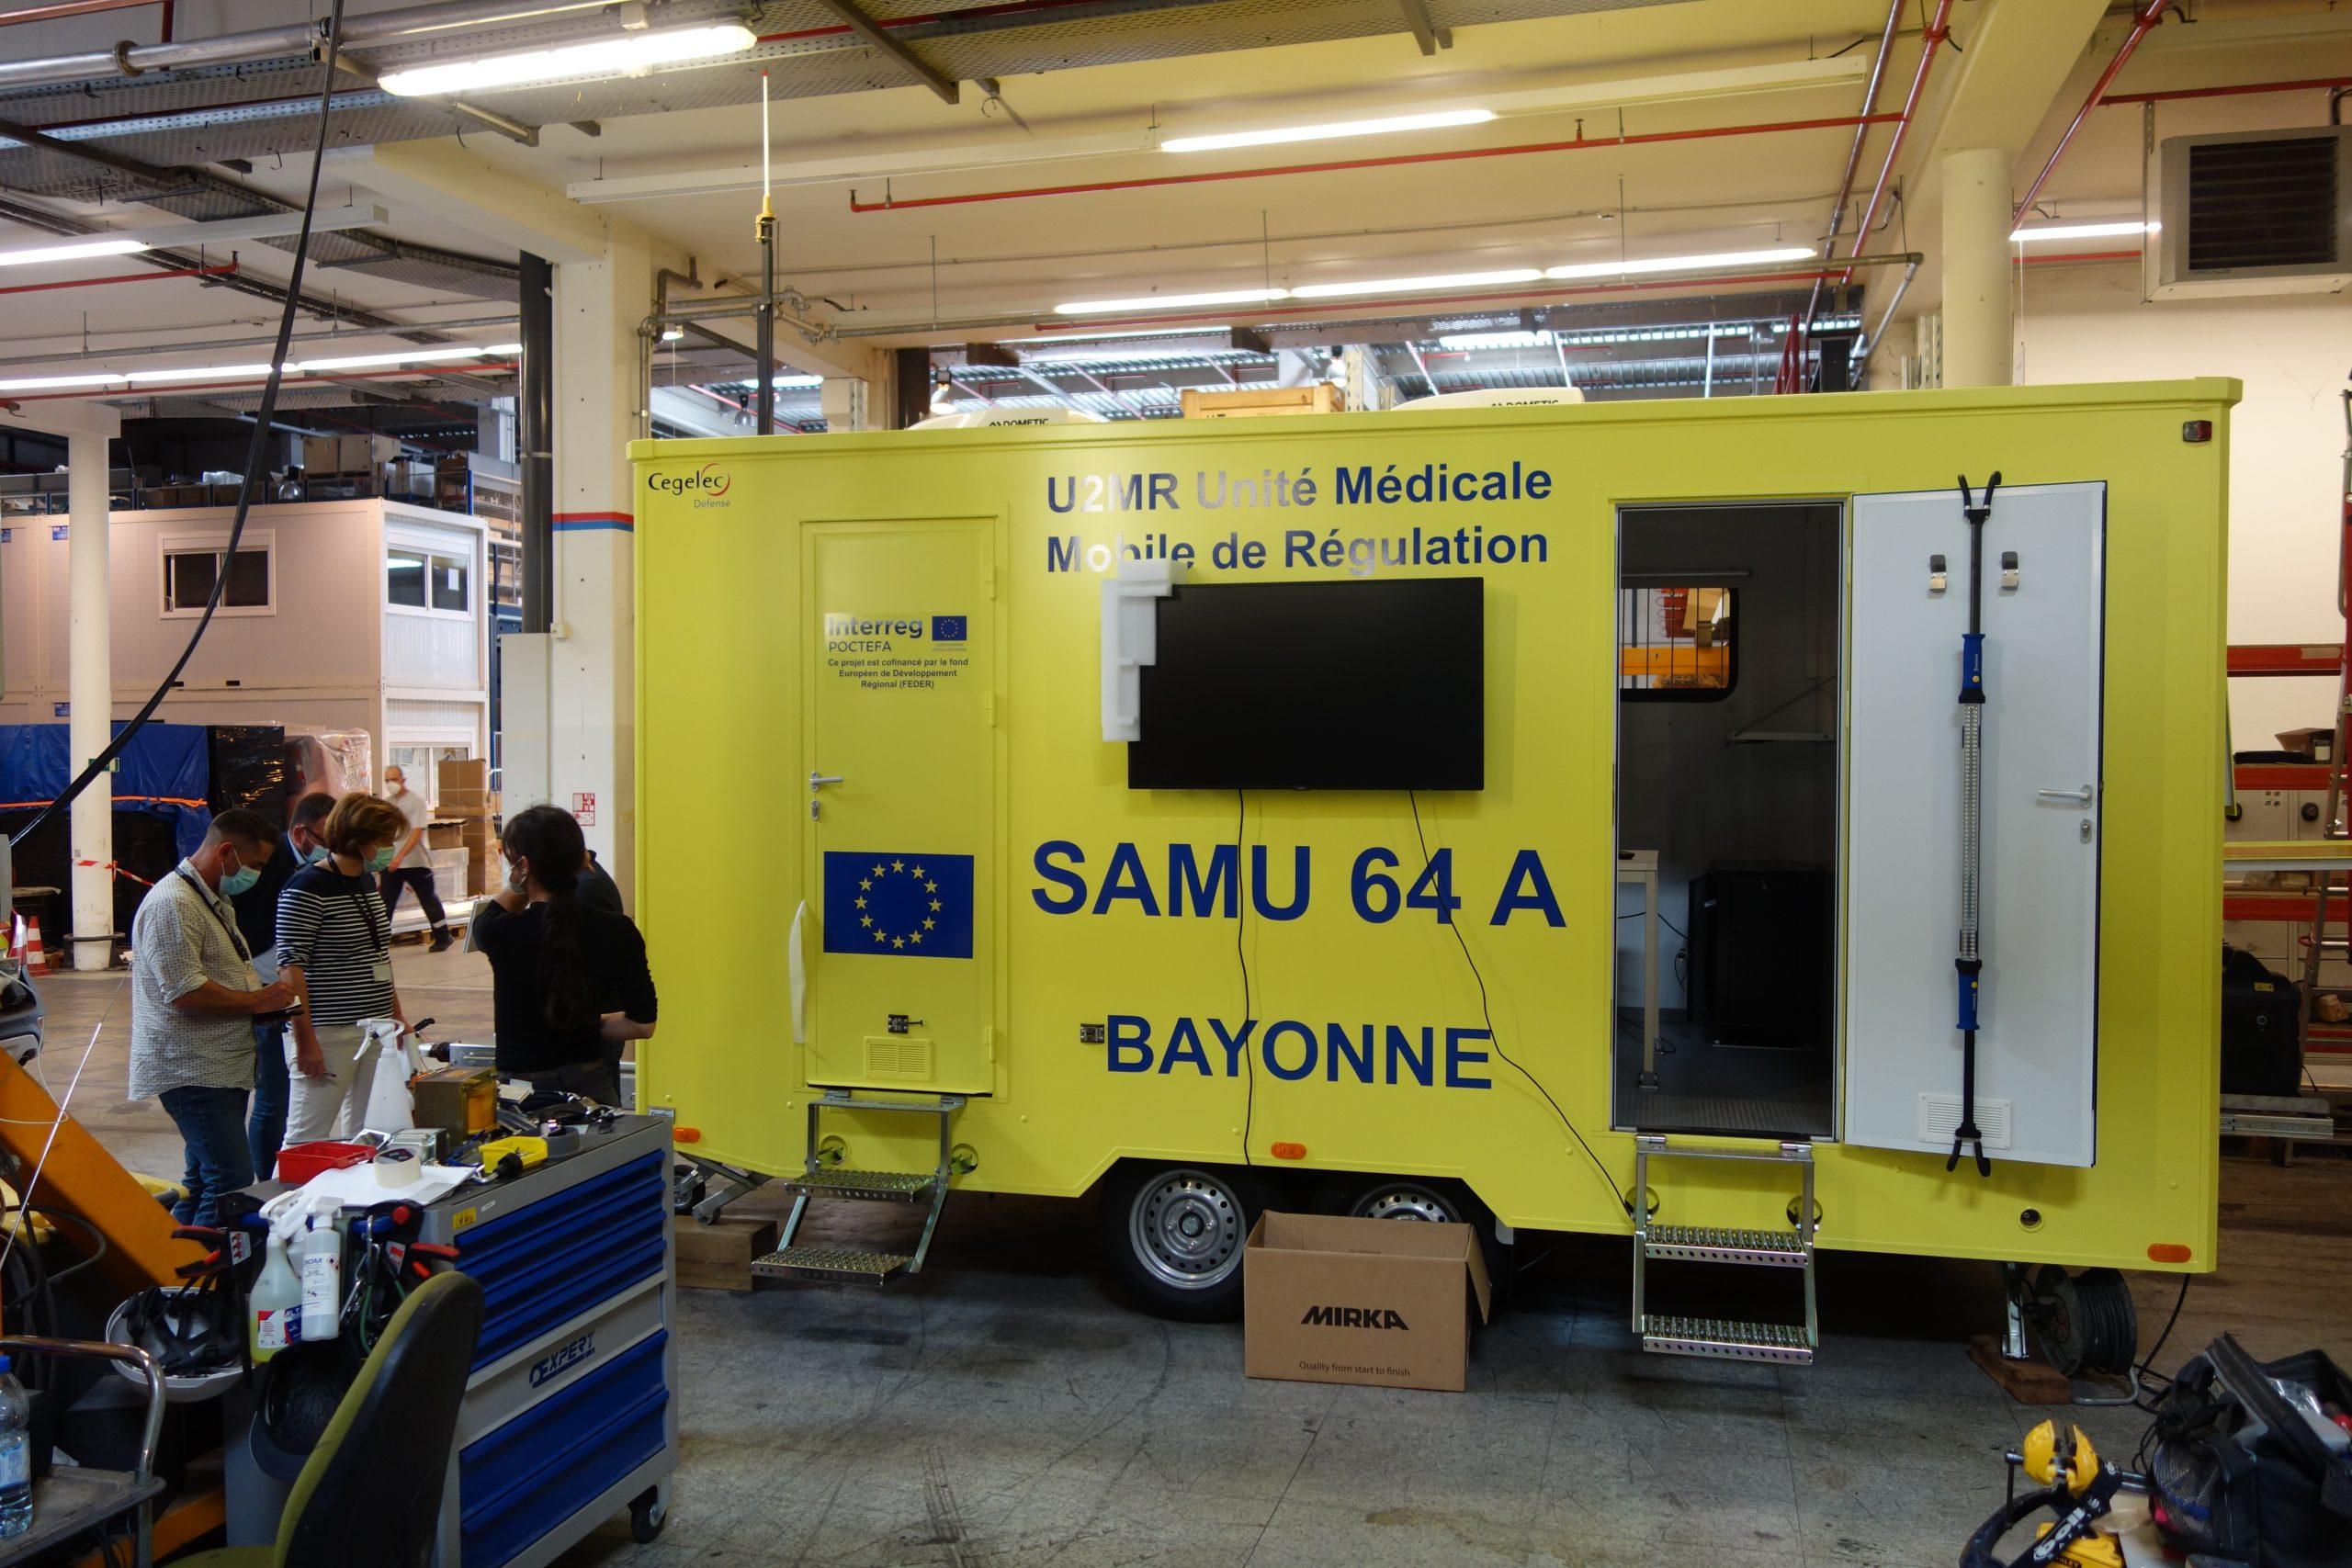 Una Unidad Móvil de Regulación Médica permitirá trasladar al lugar del suceso la coordinación sanitaria de urgencias y catástrofes